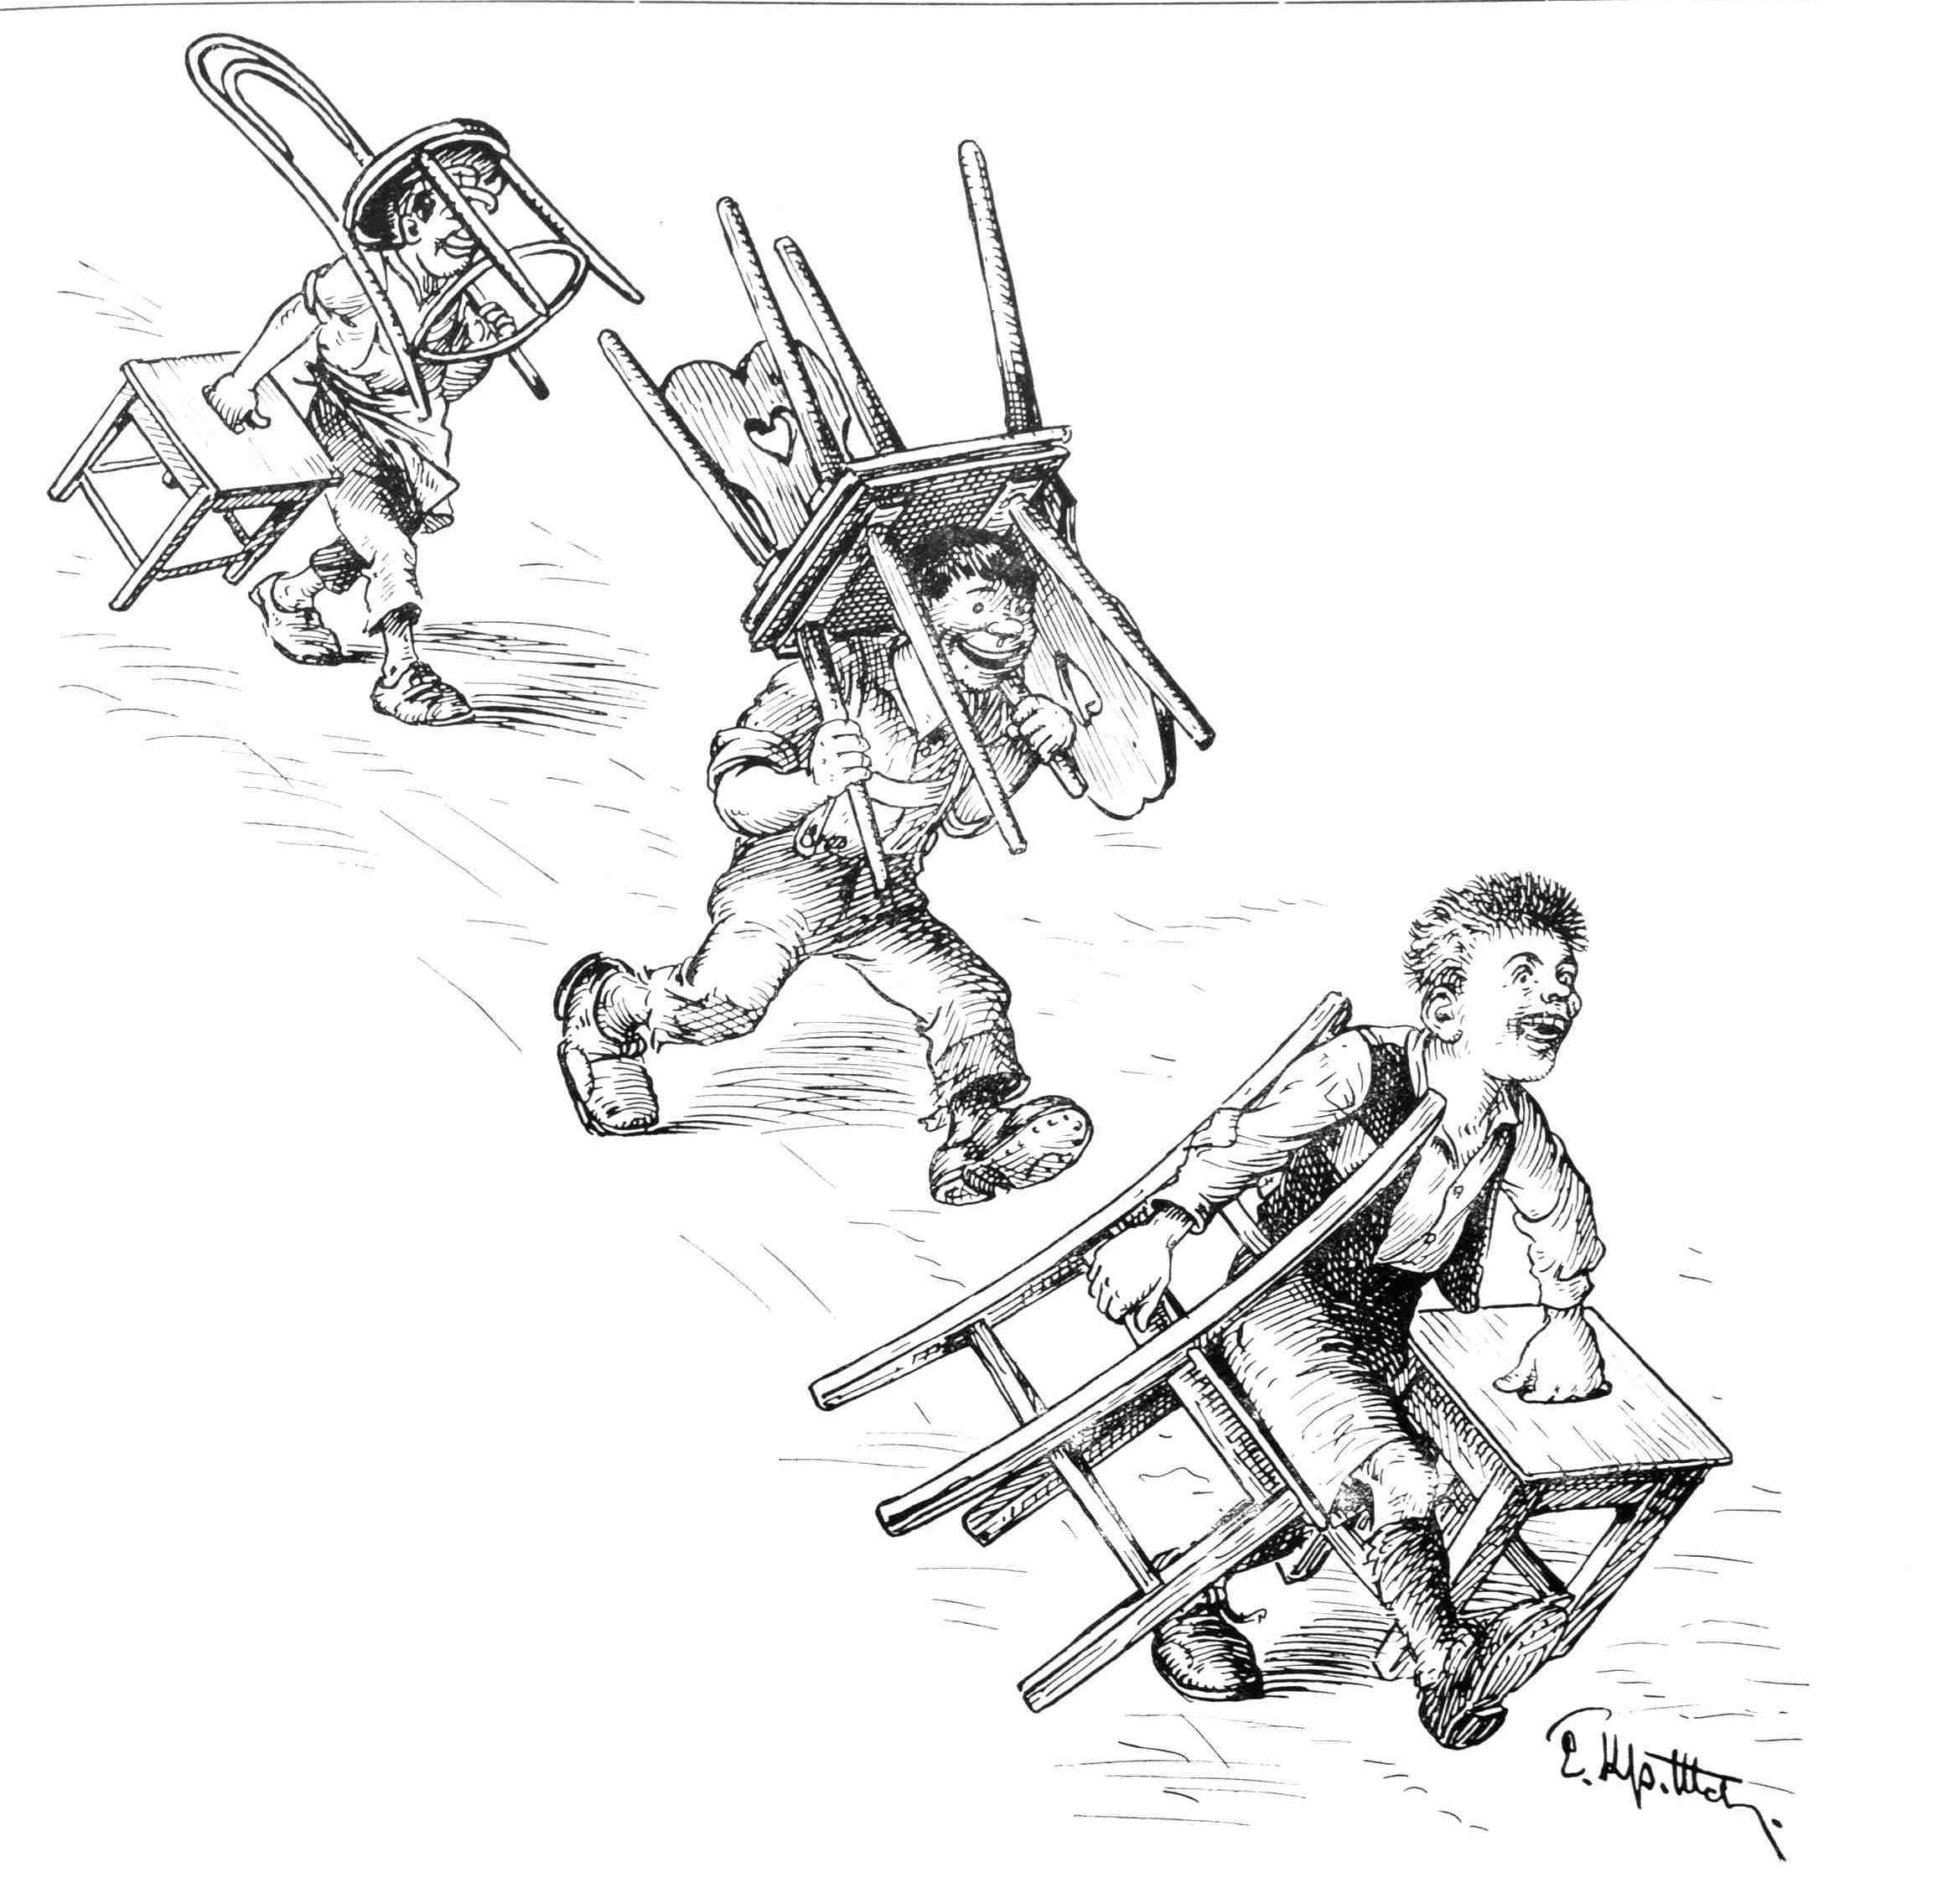 Bild: Drei Knaben tragen Stühle und Hocker herbei